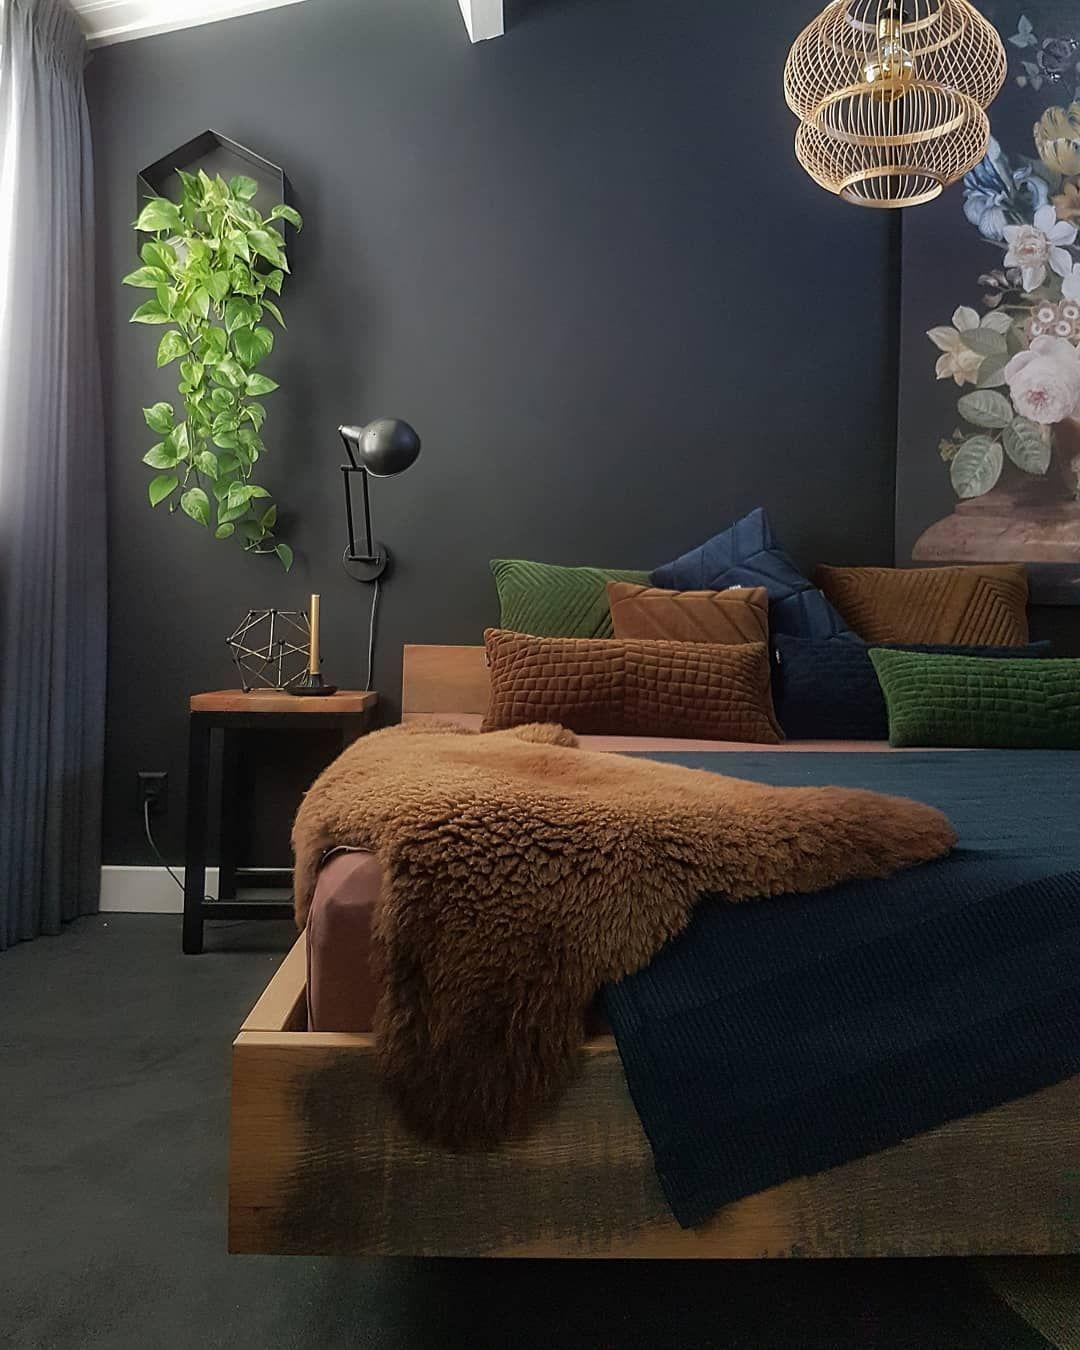 """FINNTAGE on Instagram: """"��� Ik ben zoooo geen ochtendmens.....� Nog n plaatje van de nieuwe slaapkamer! Ben echt verliefd op deze diepblauwe kleur!�� wij stappen…"""""""